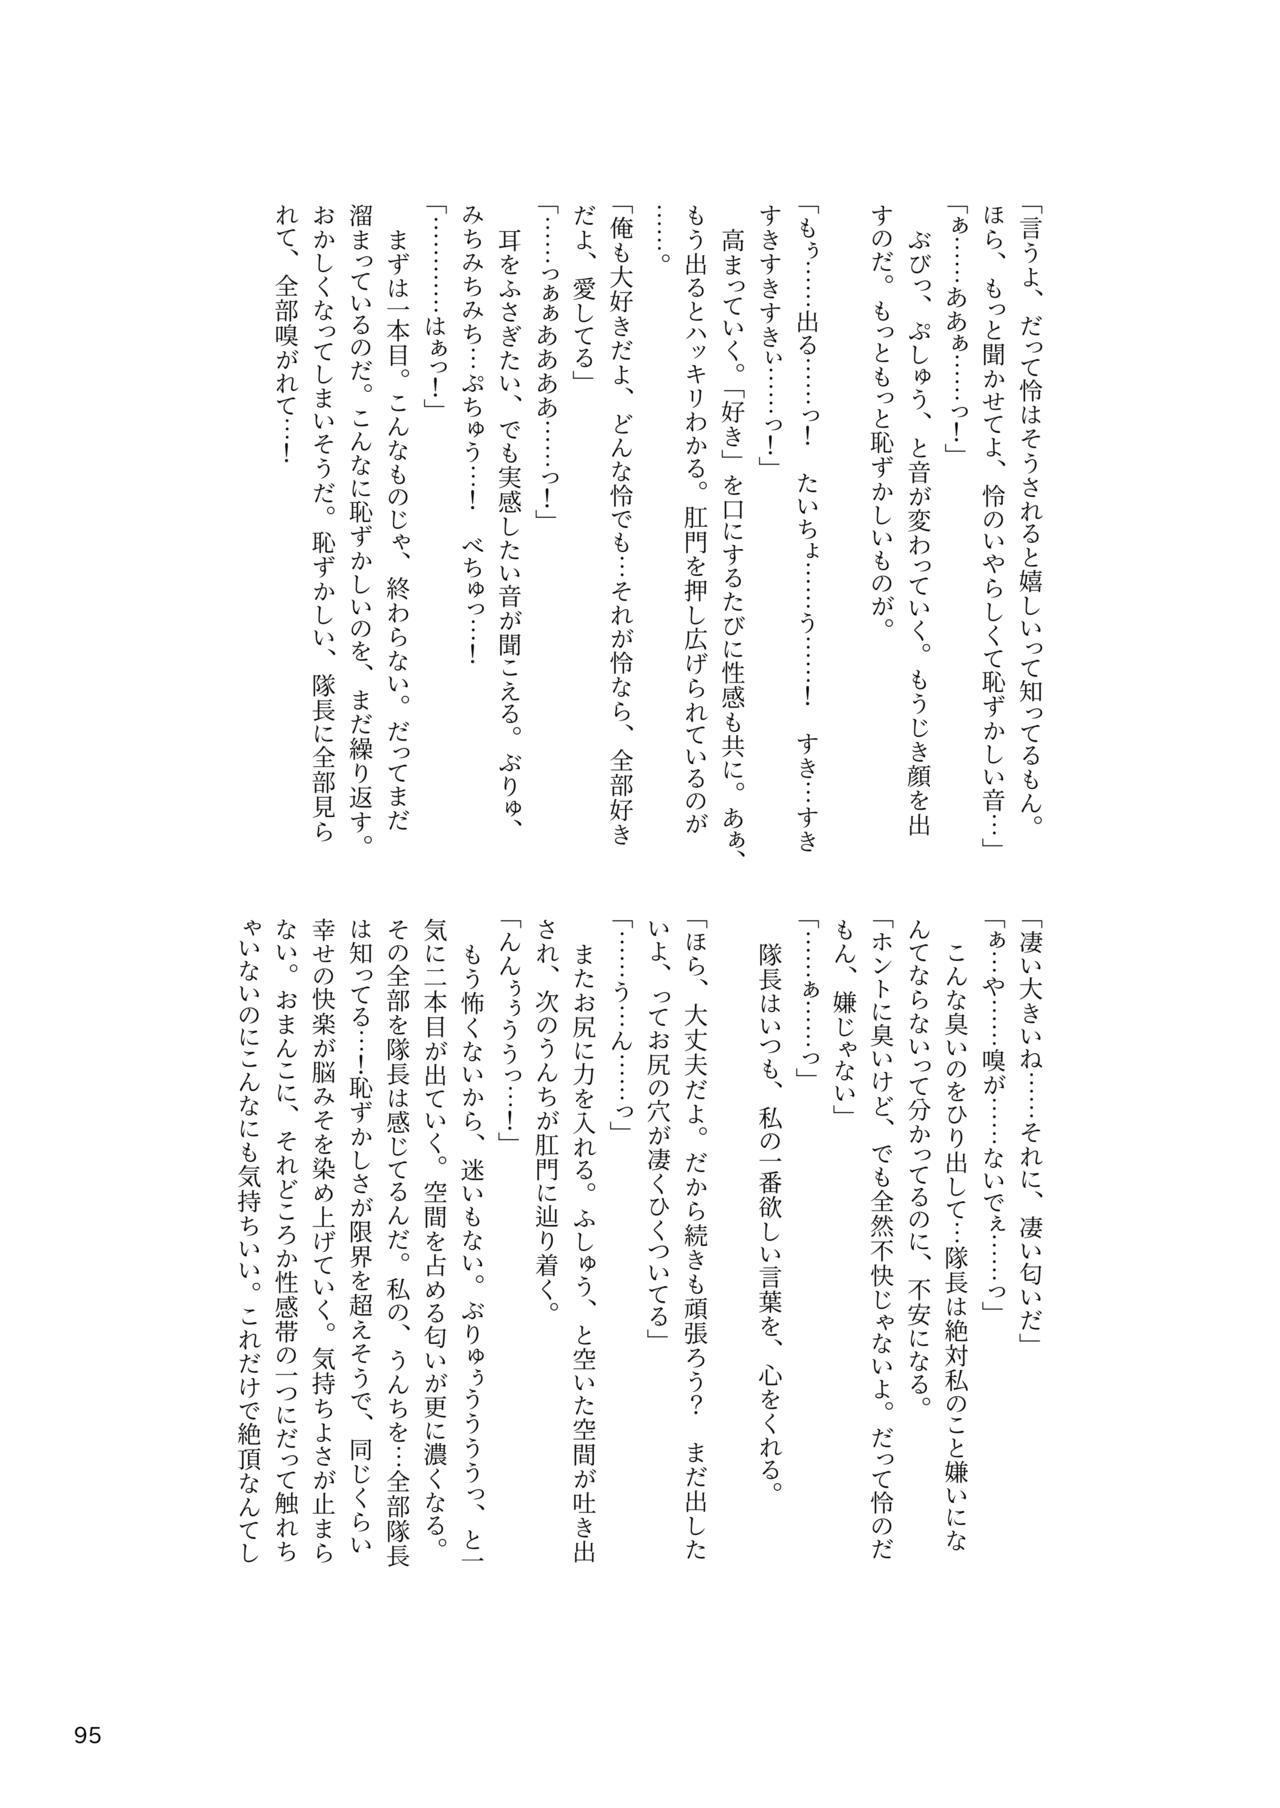 ア○スギア総合スカトロアンソロジー アクトレス排泄実態調査任務~スカポためるっすか!?~ 94